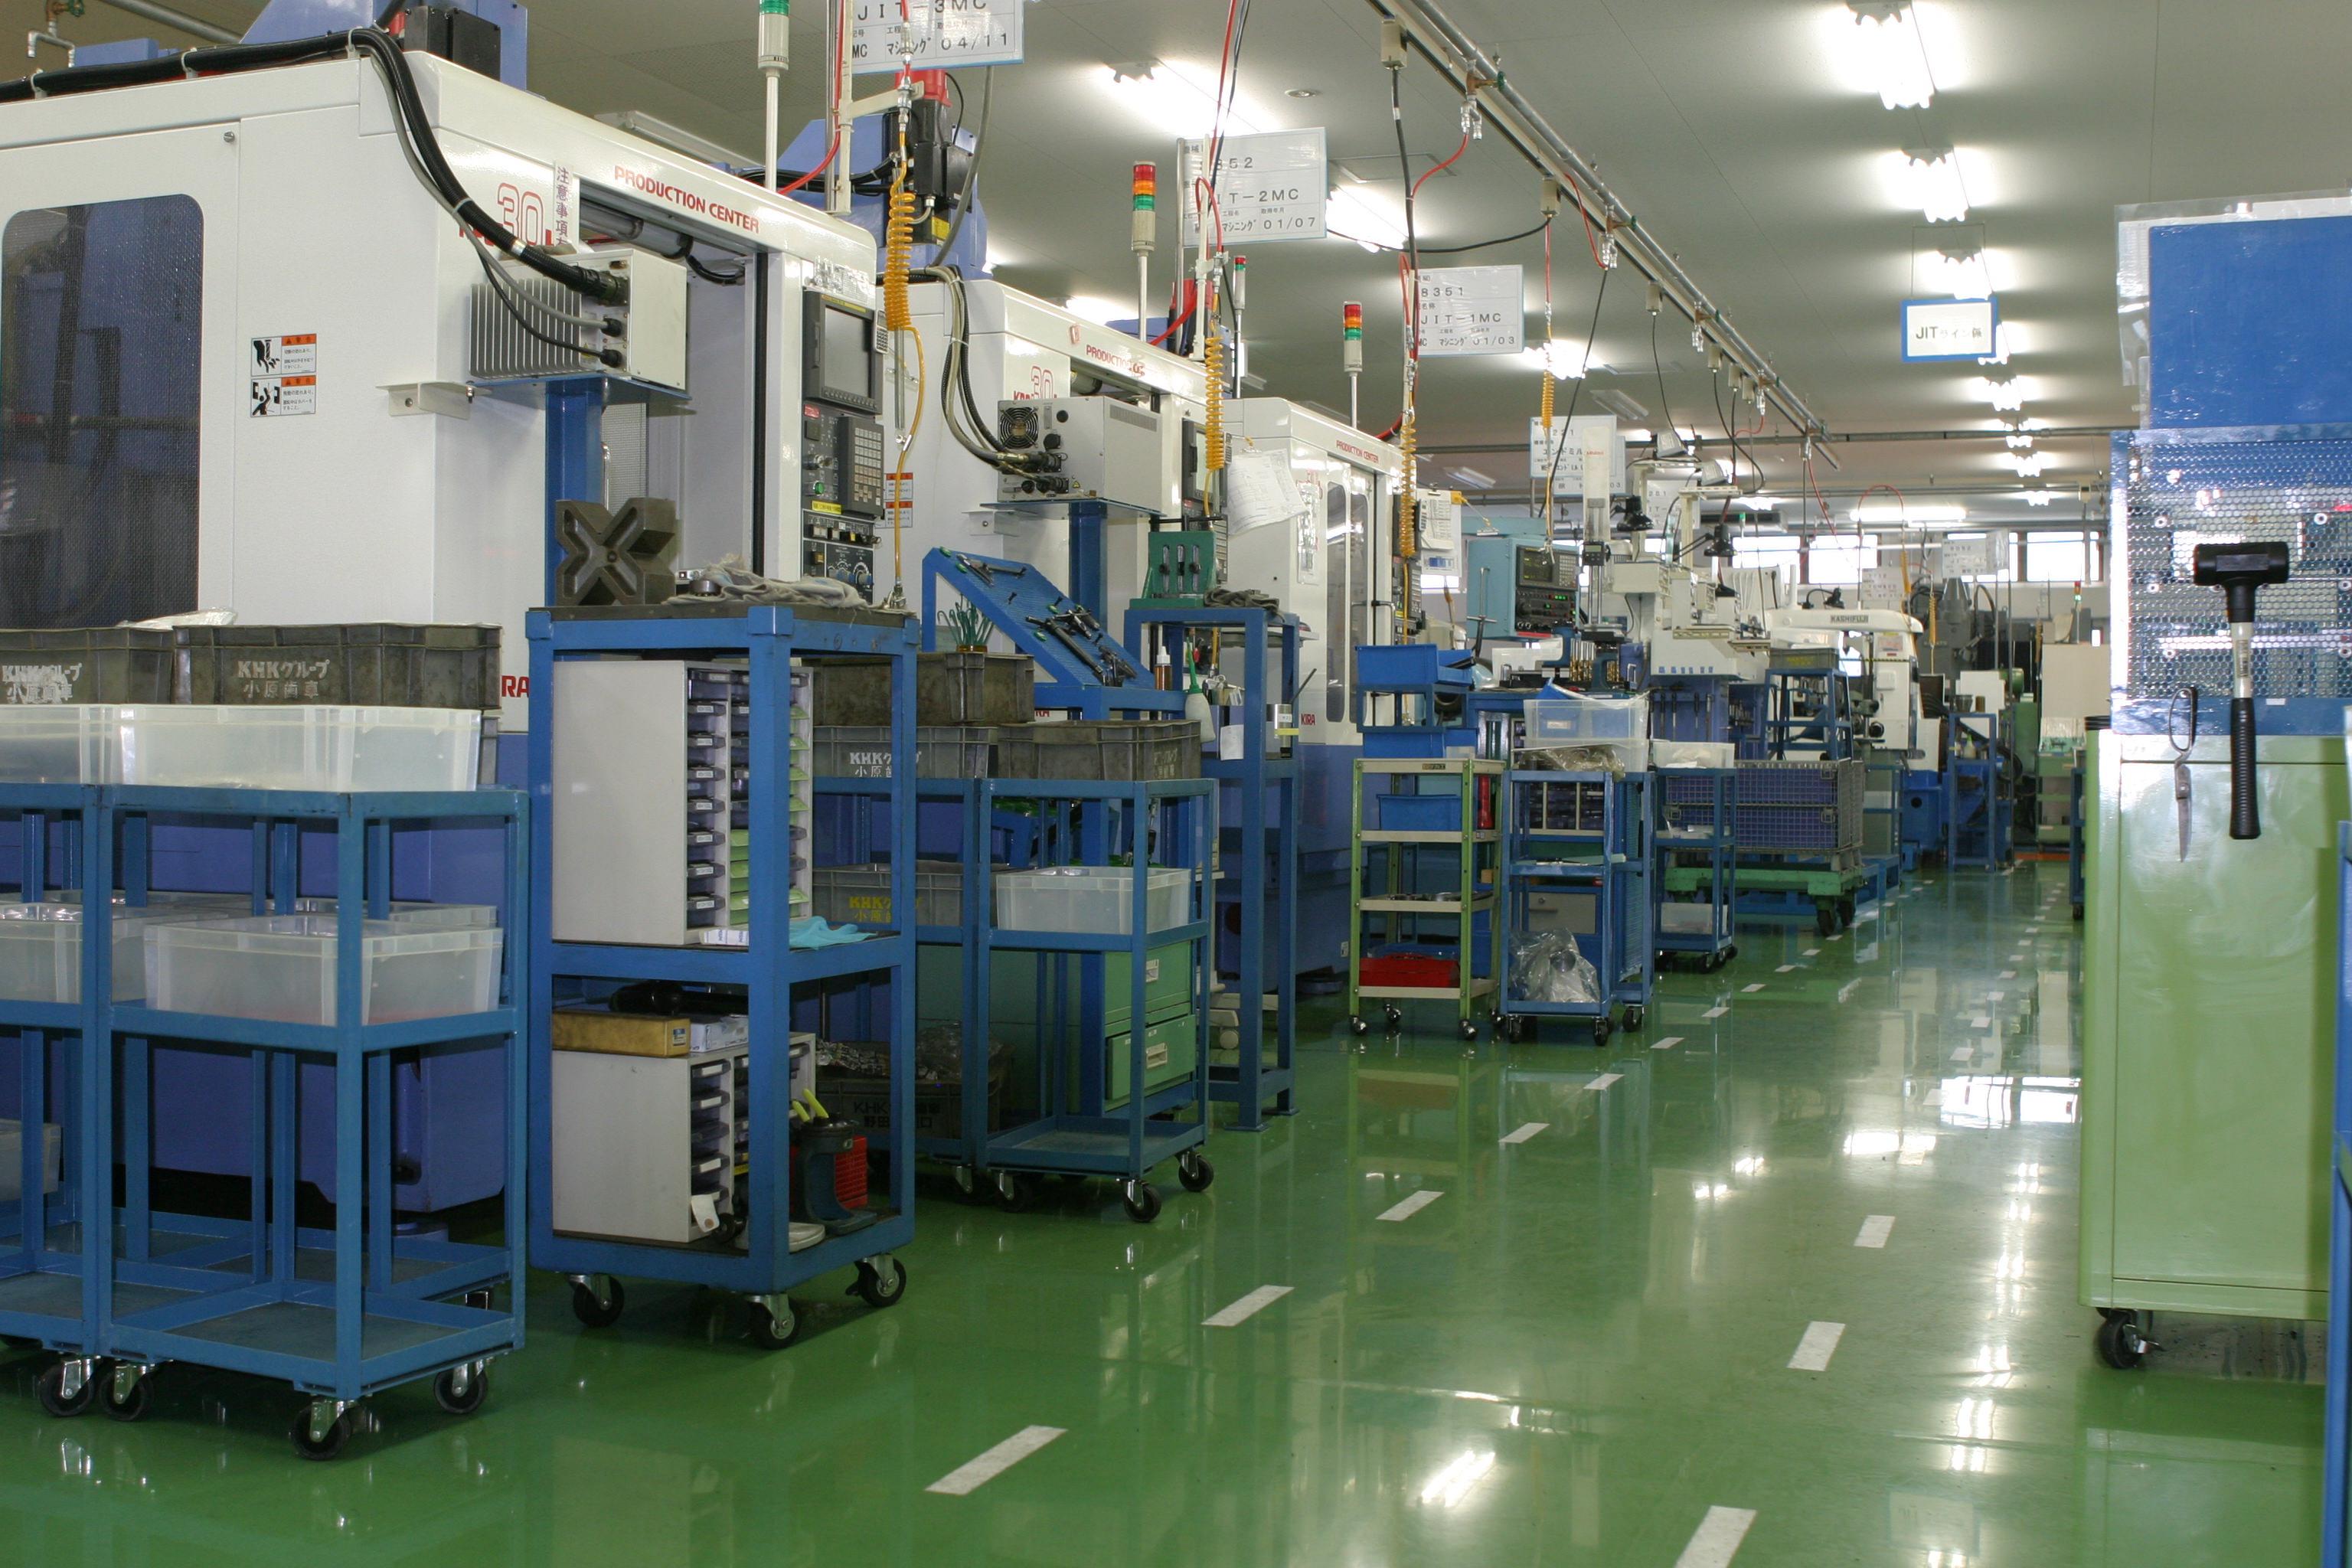 KHK齿轮制造厂内